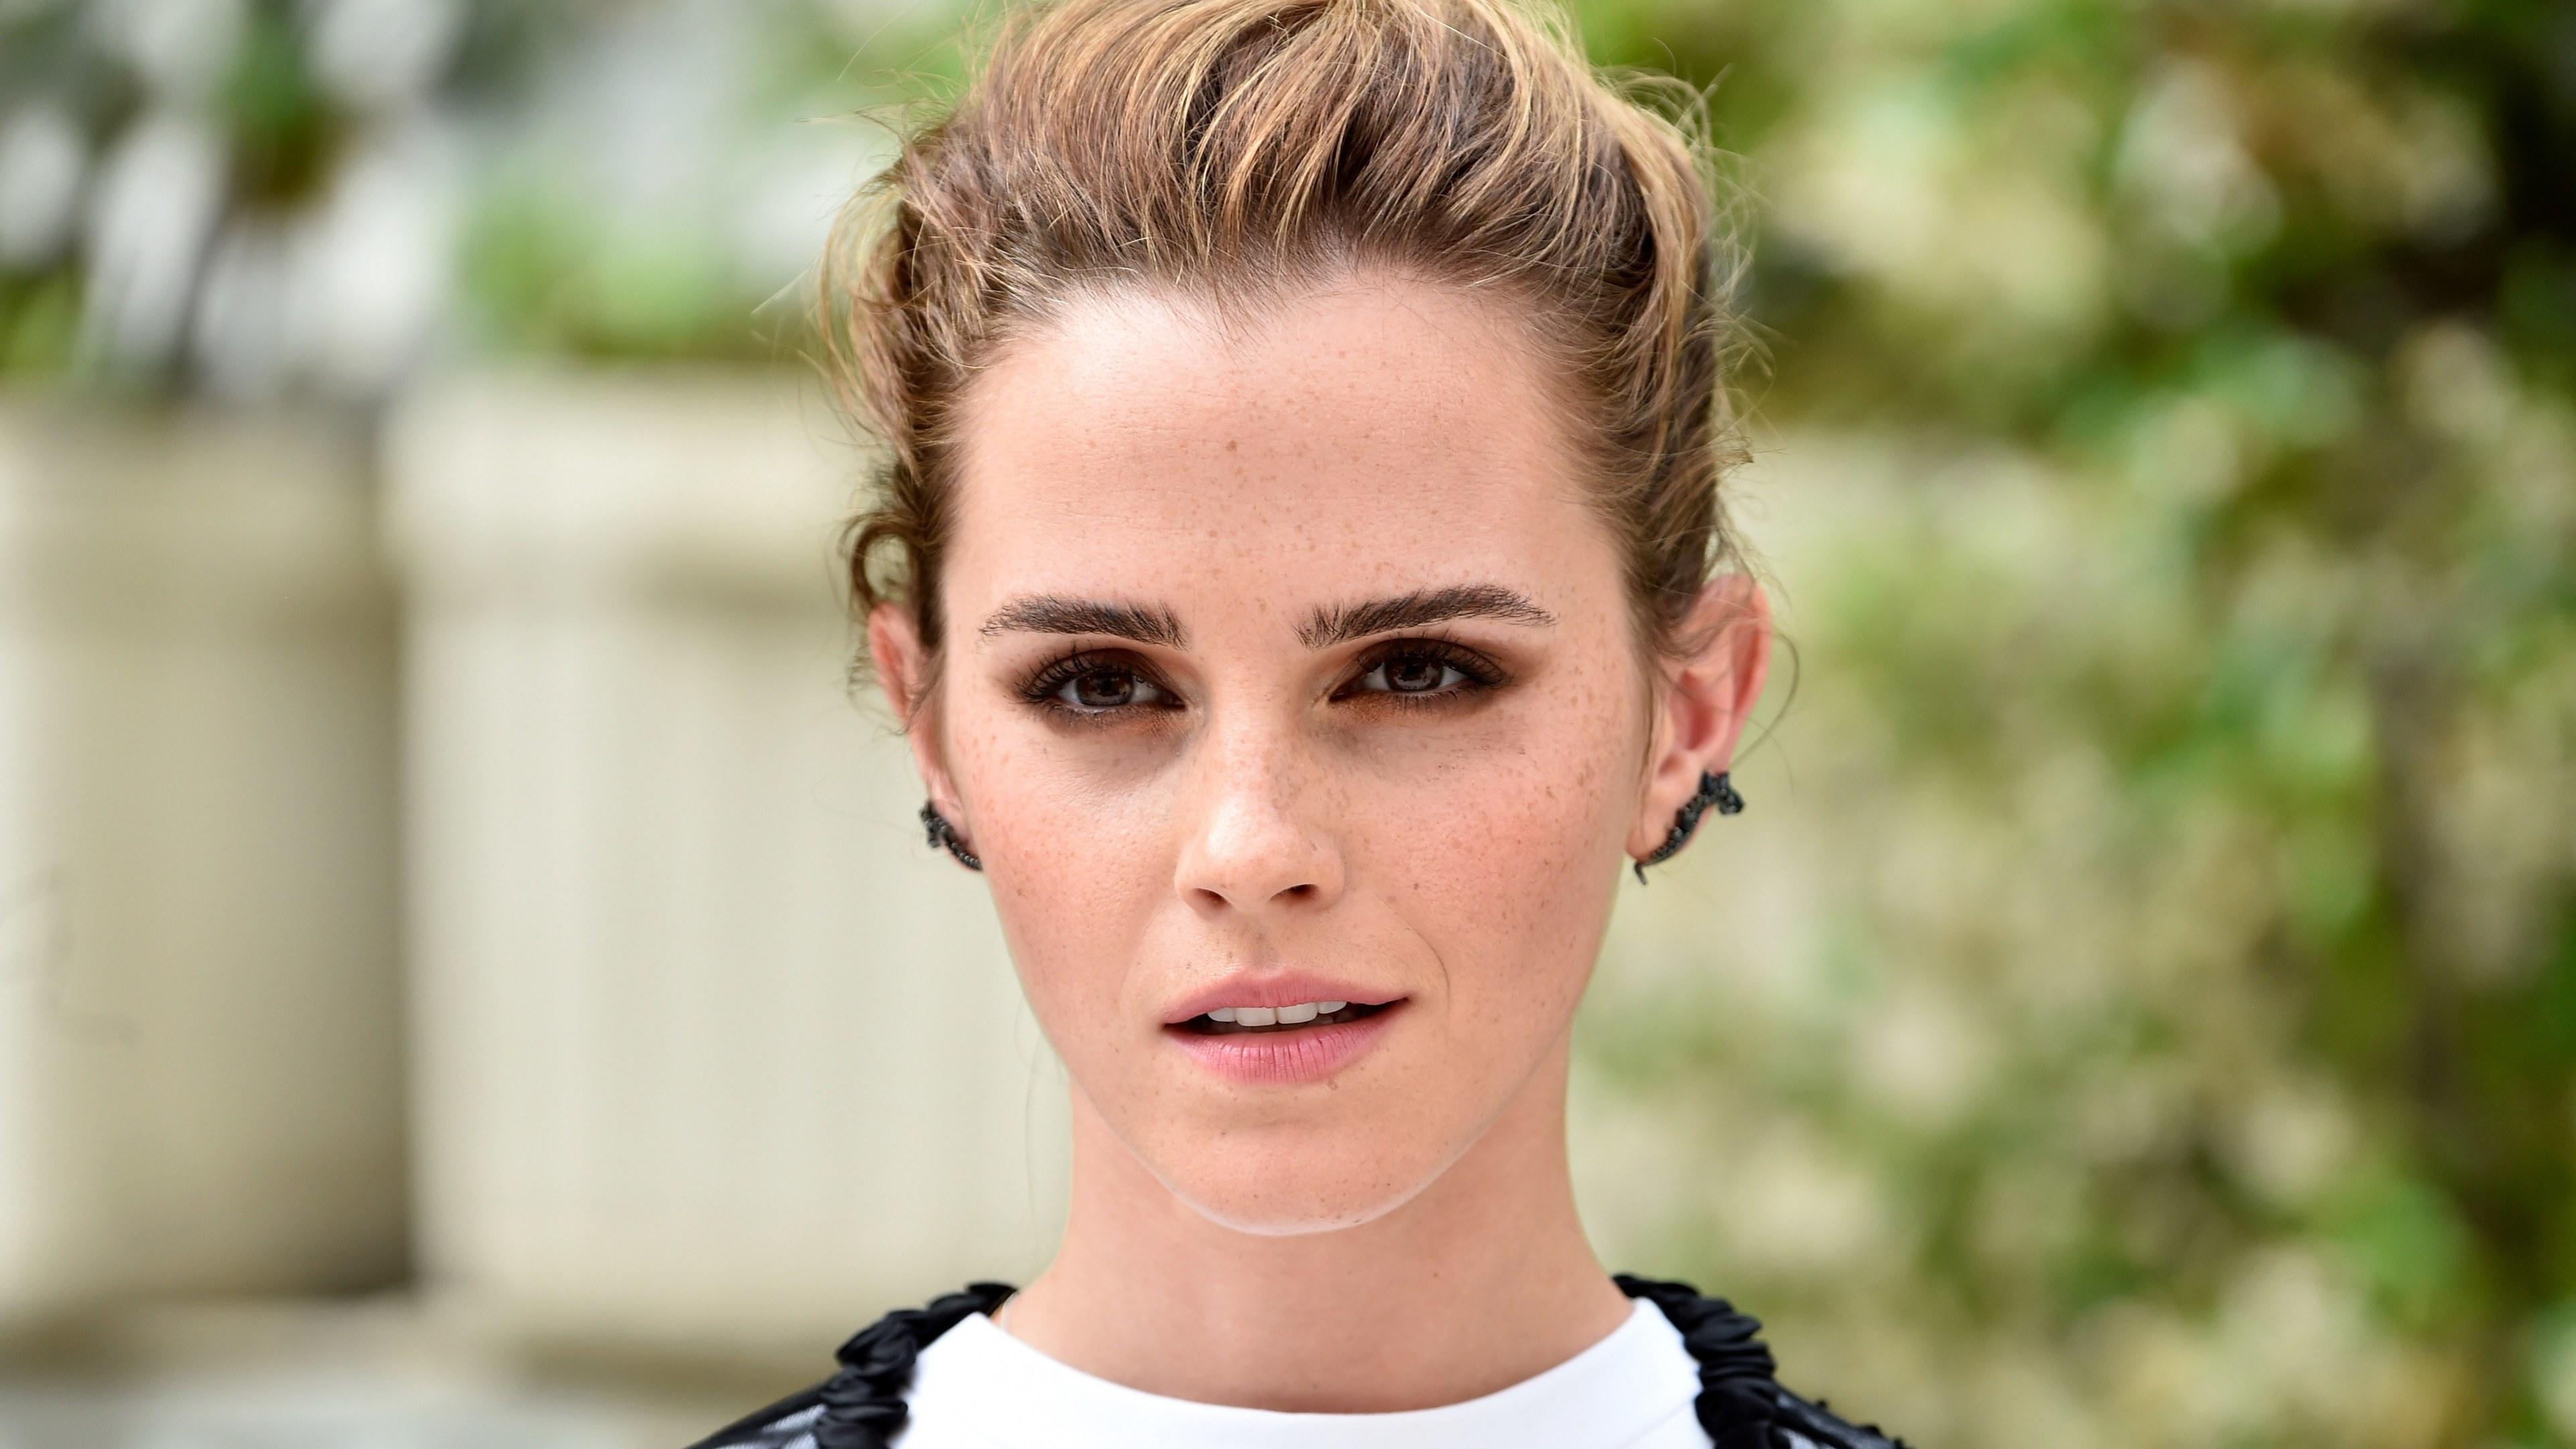 emma watson 2018 5k 1536860177 - Emma Watson 2018 5k - hd-wallpapers, girls wallpapers, emma watson wallpapers, celebrities wallpapers, 5k wallpapers, 4k-wallpapers